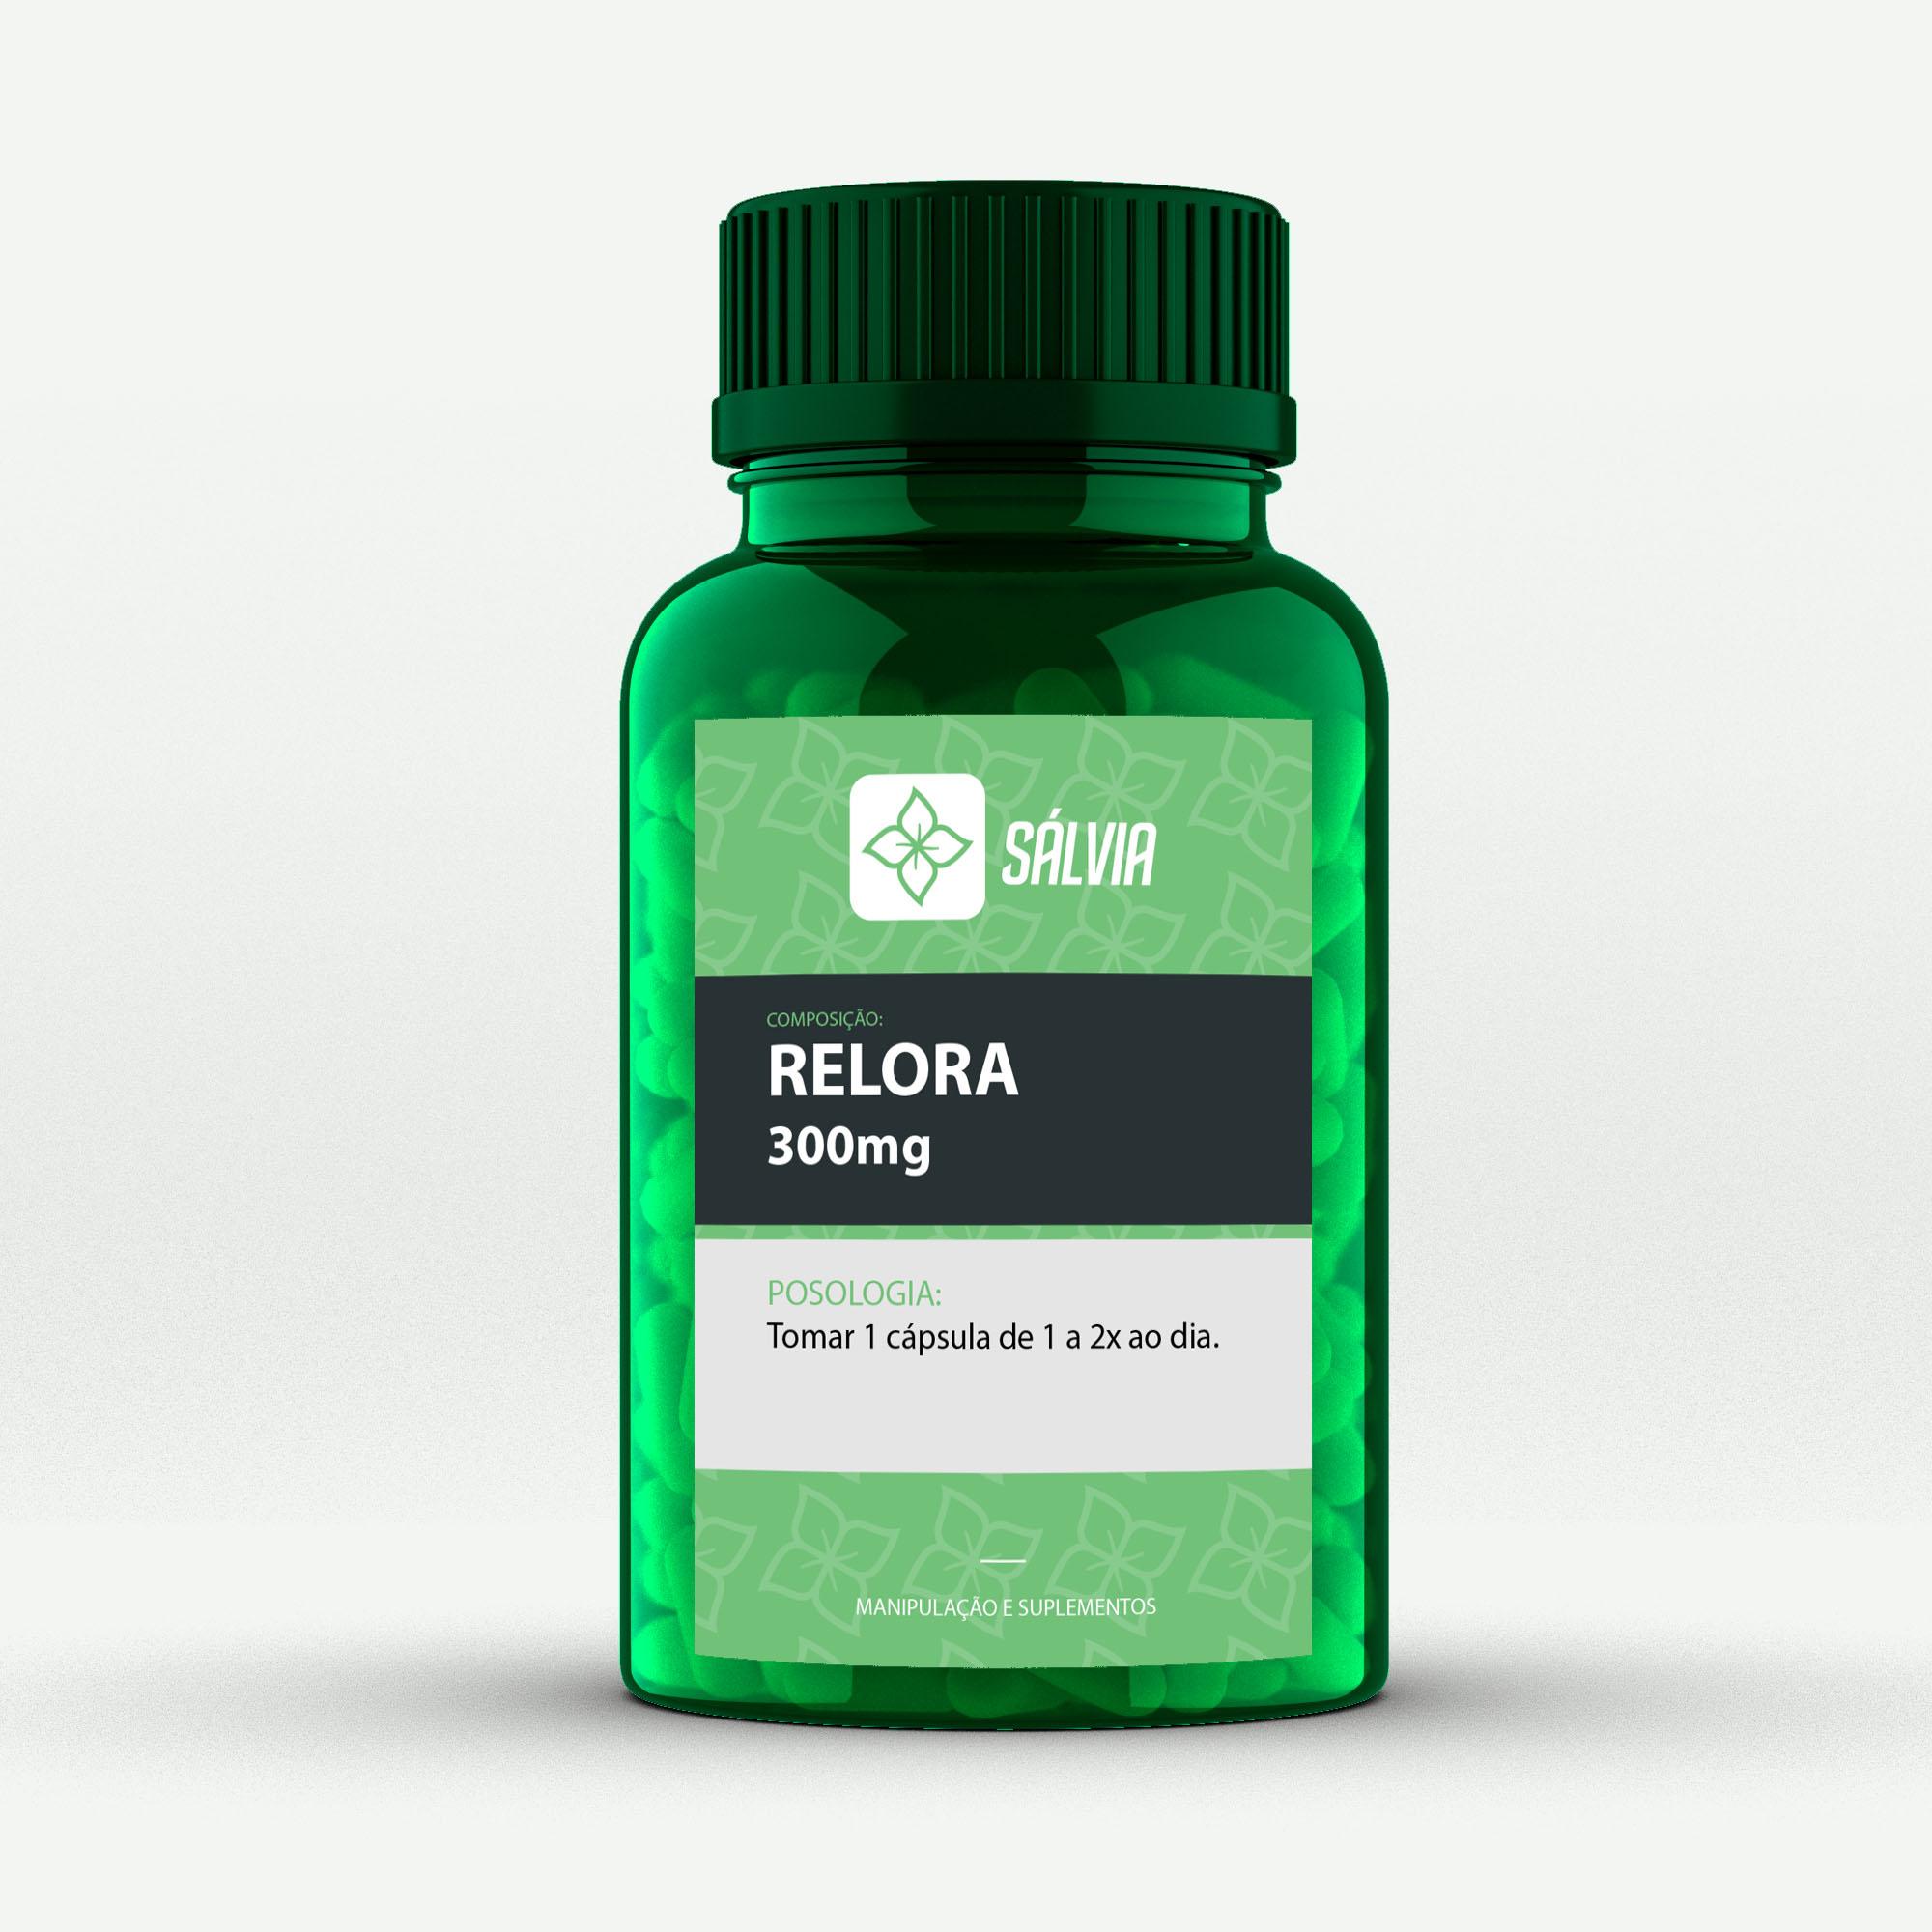 RELORA 300mg - Cápsulas